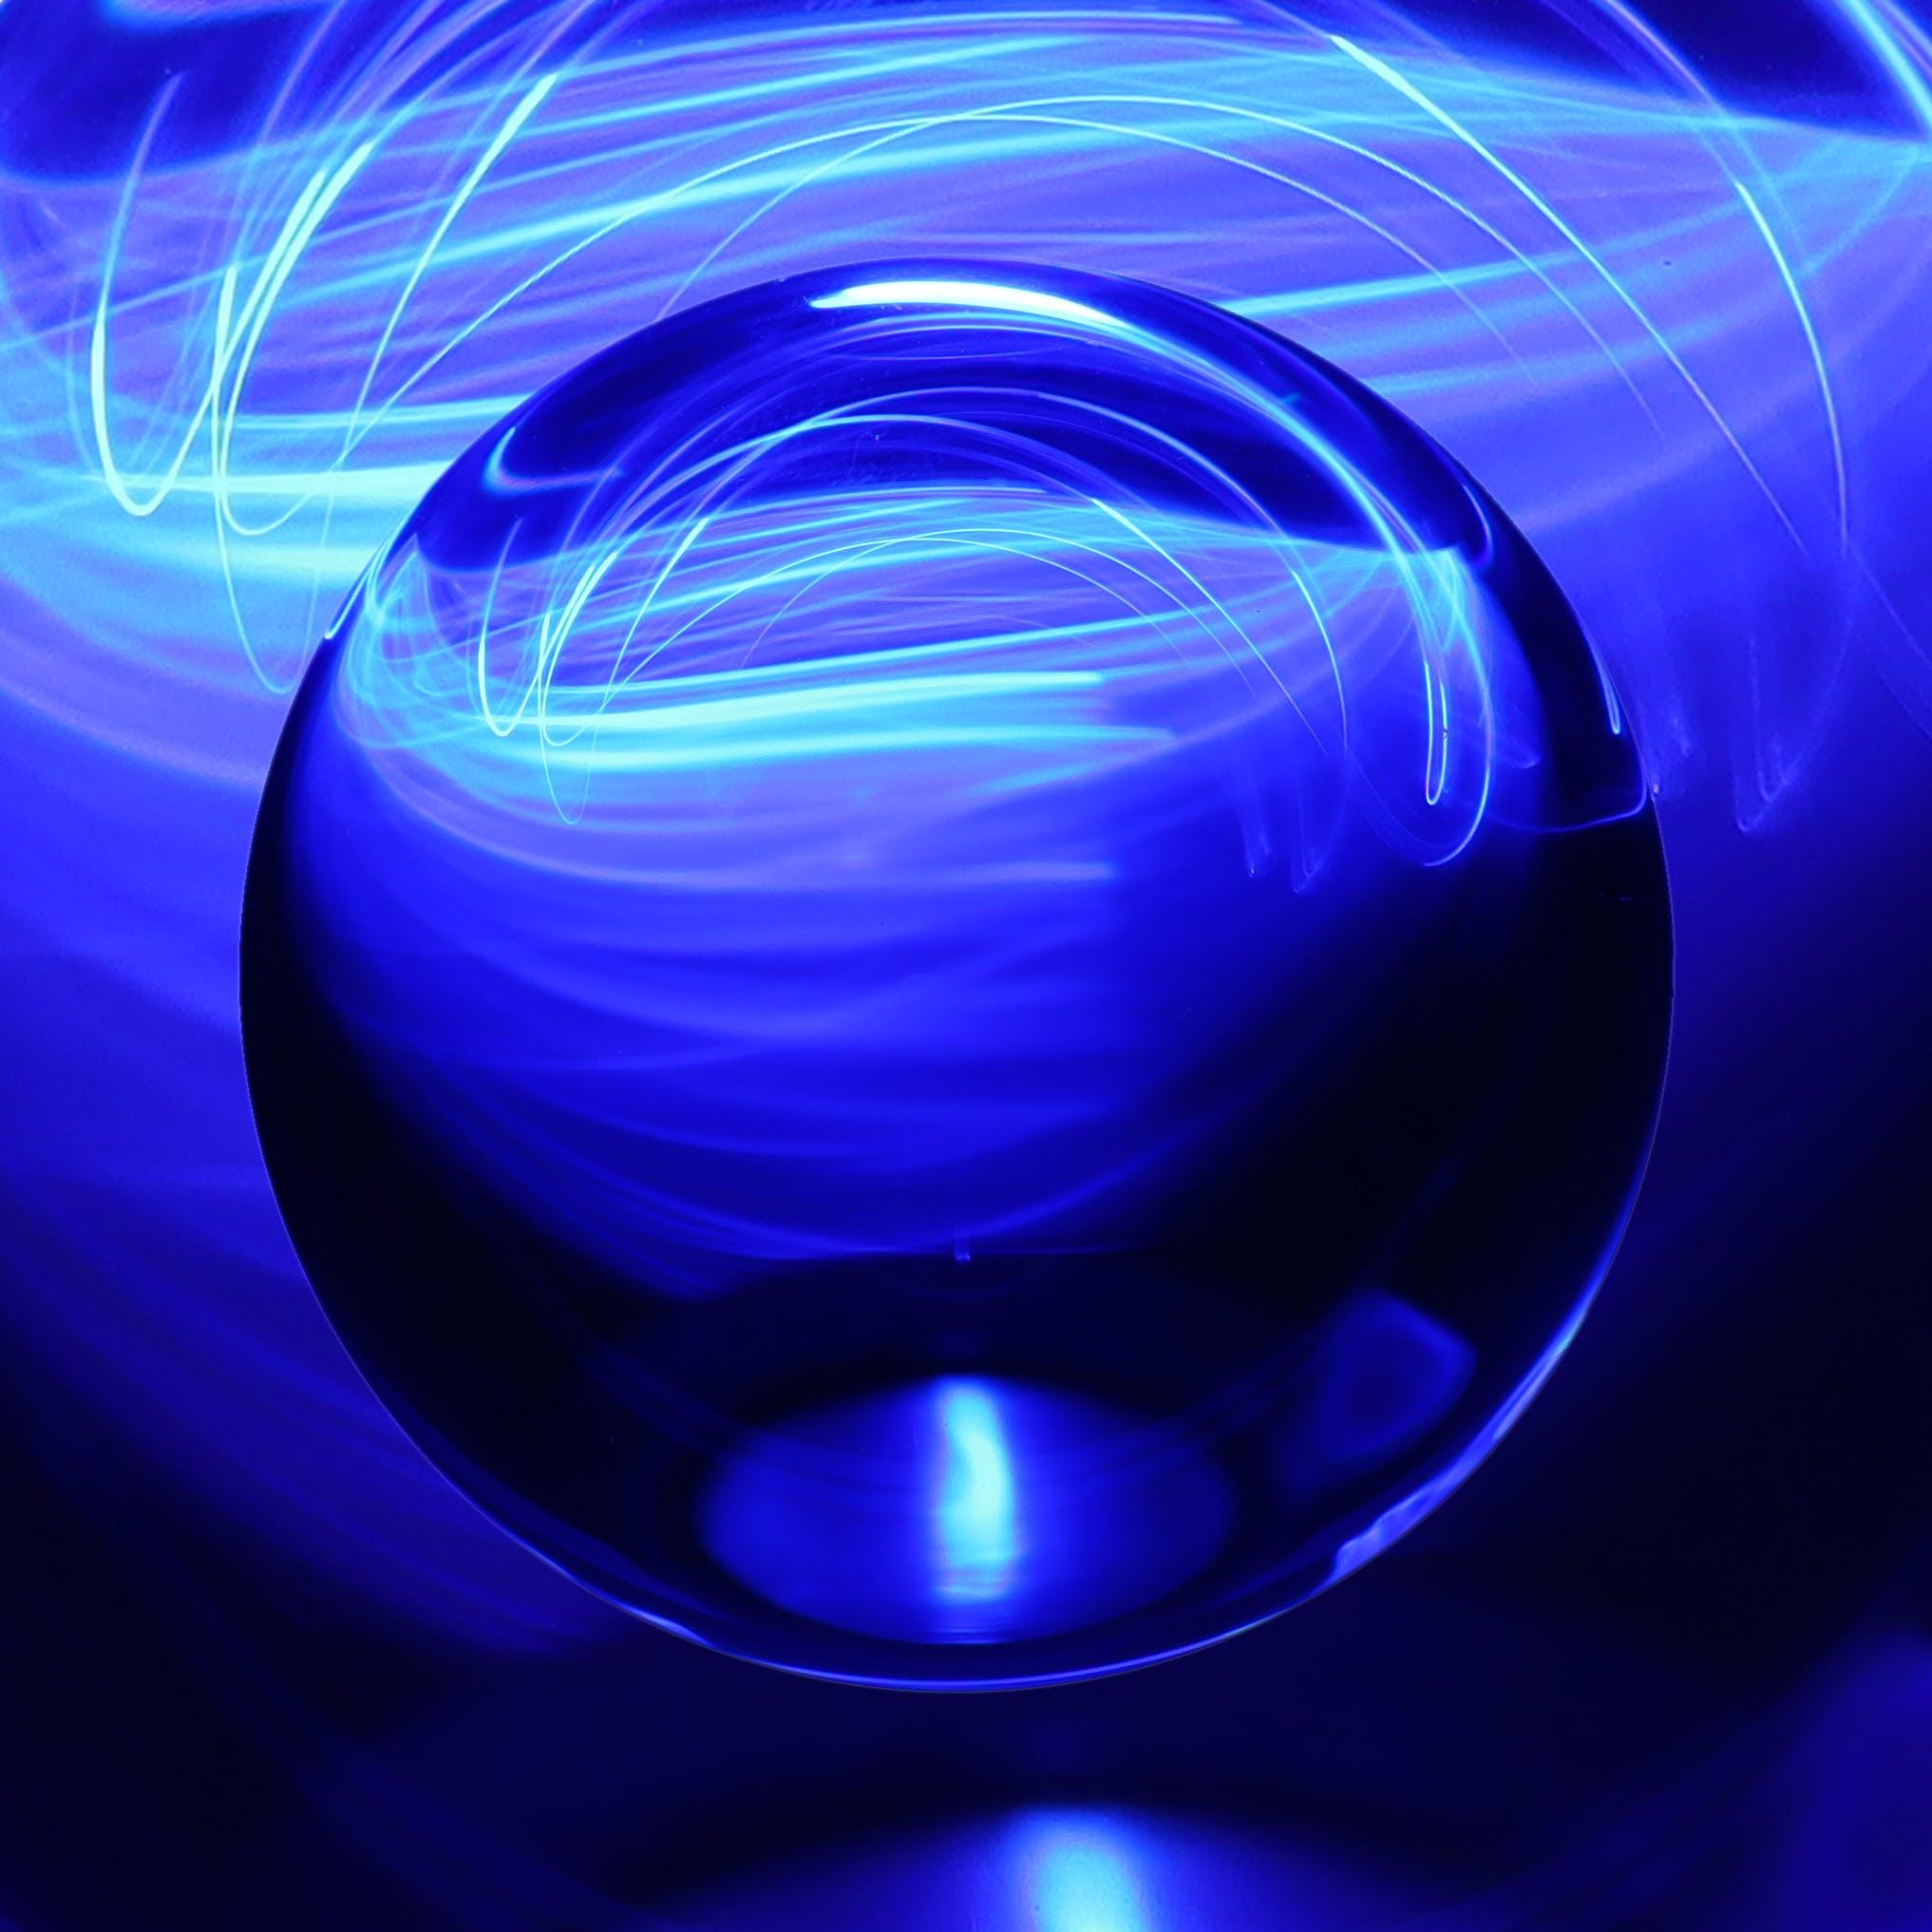 Fotos de stock gratuitas de bola, bola de cristal, claro como el cristal, color